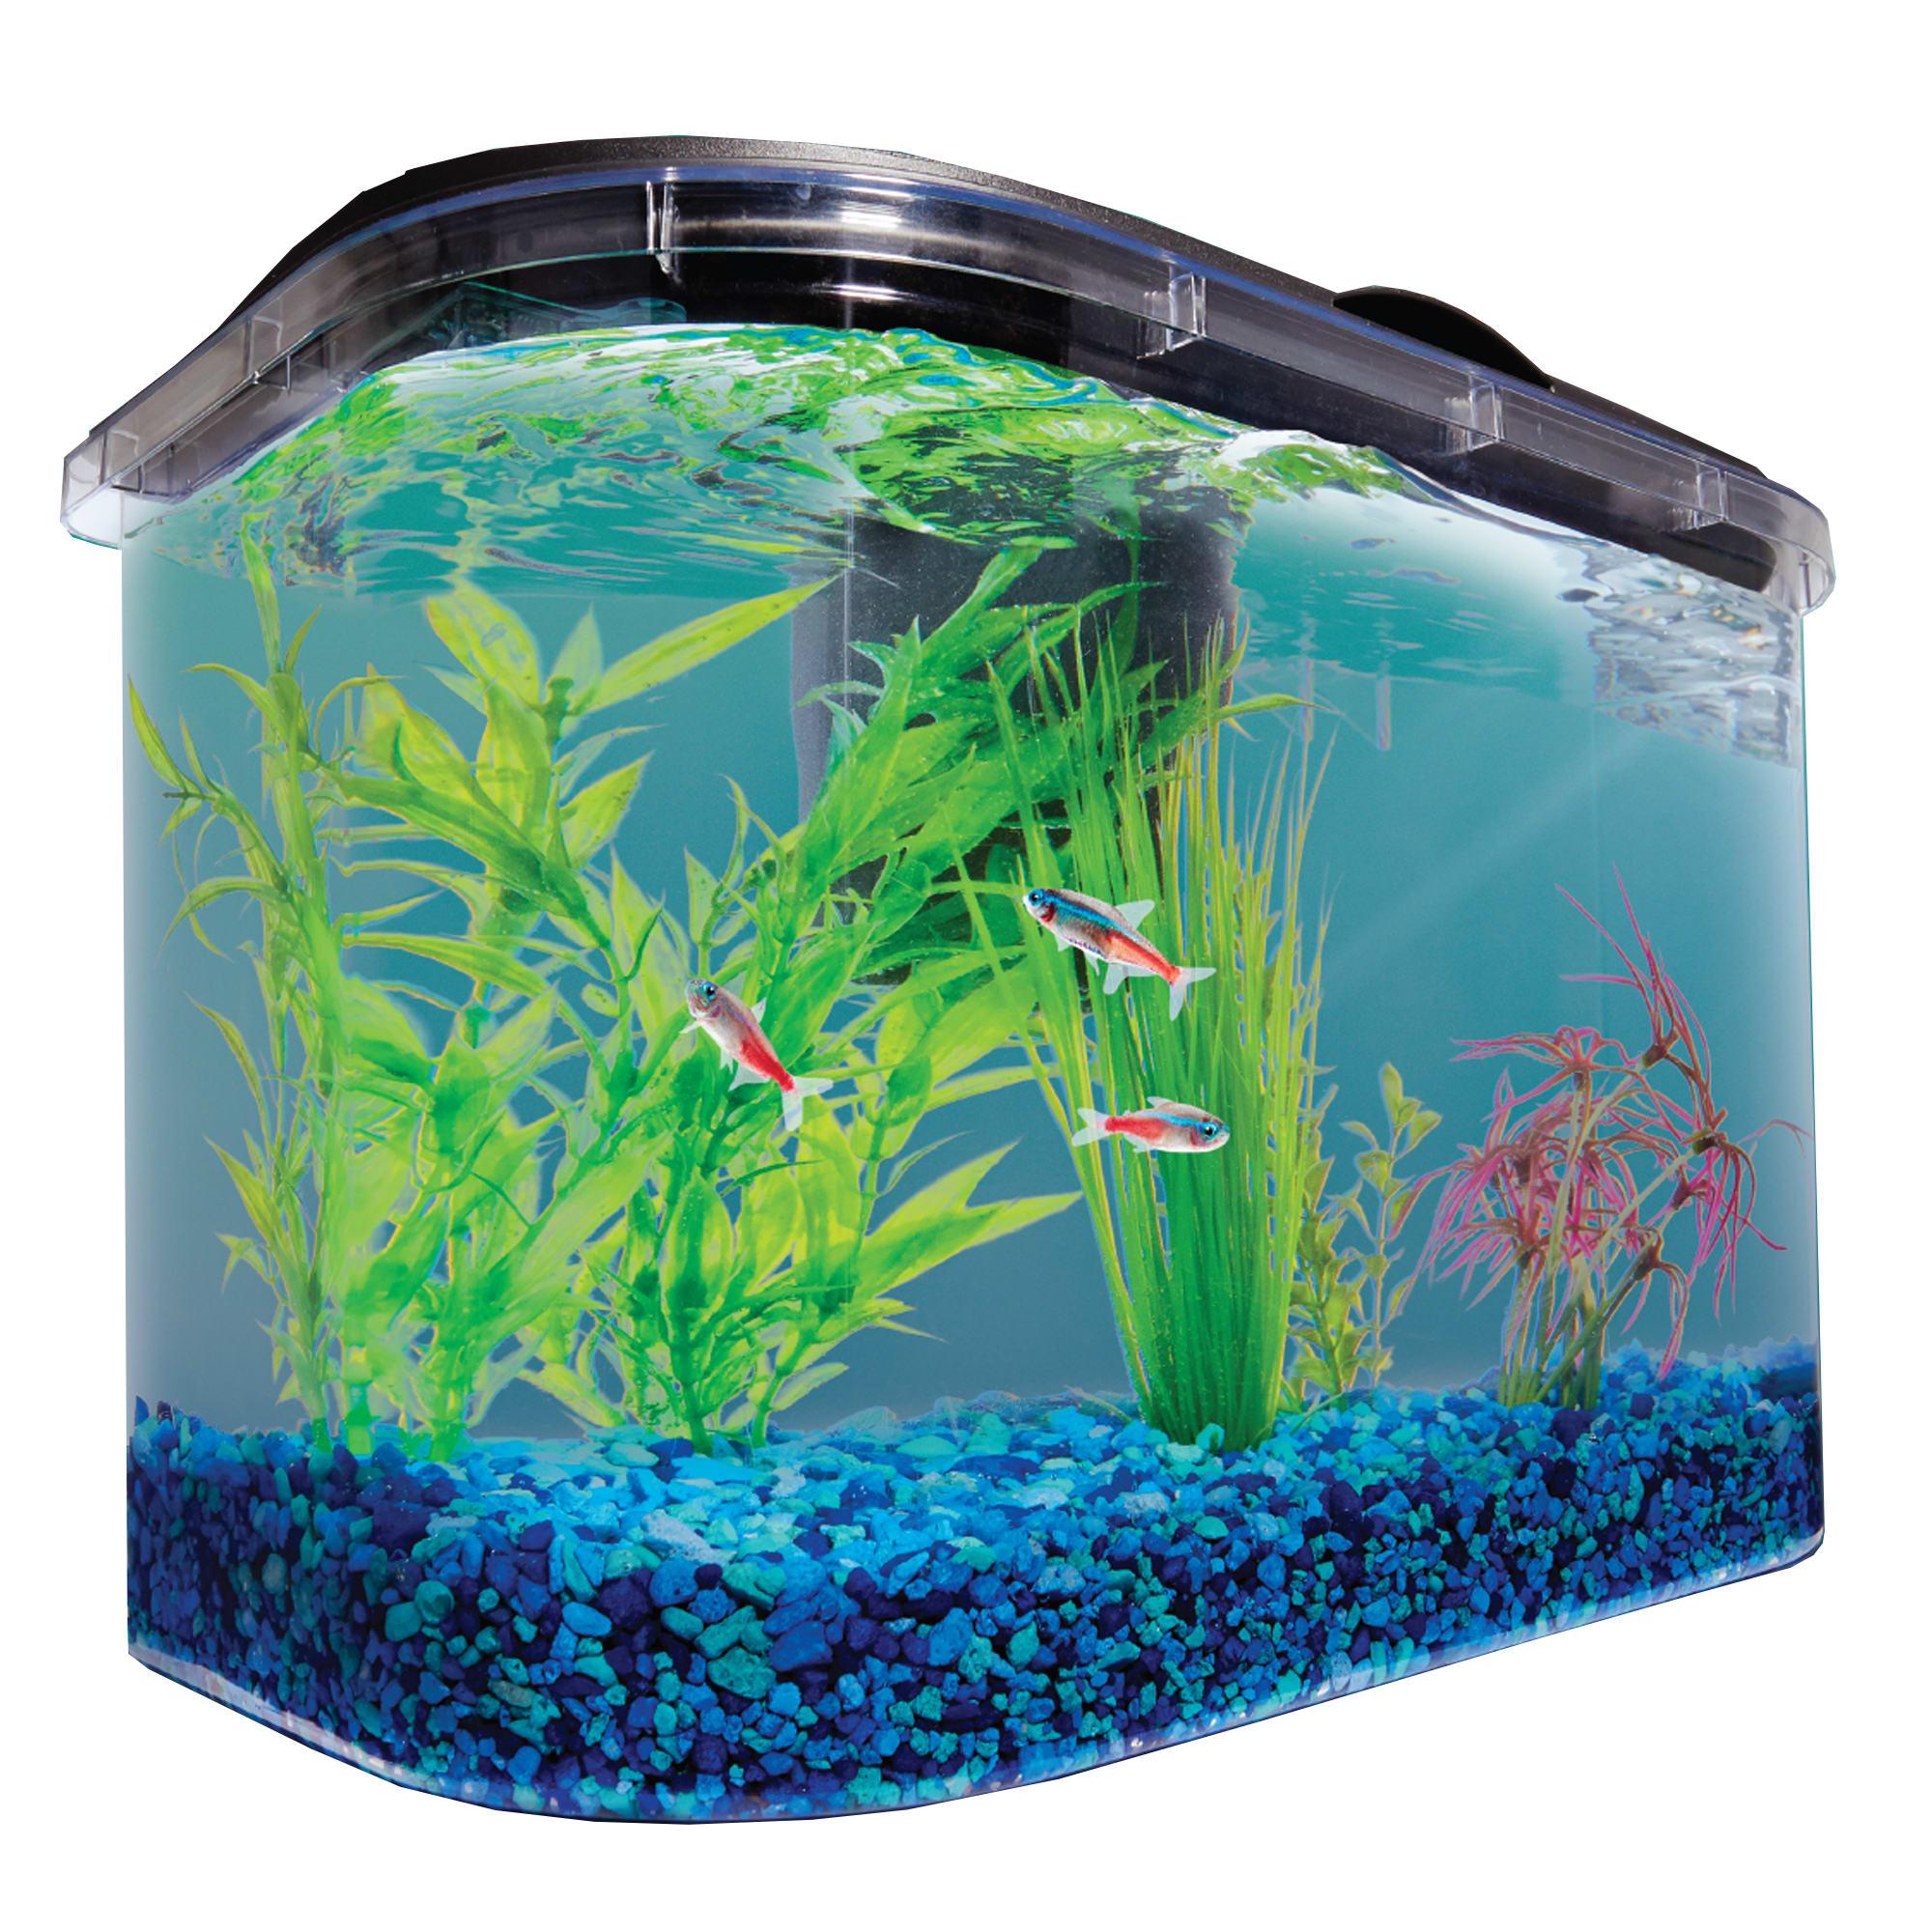 Imagitarium 5 2 Gallon Freshwater Aquarium Petco